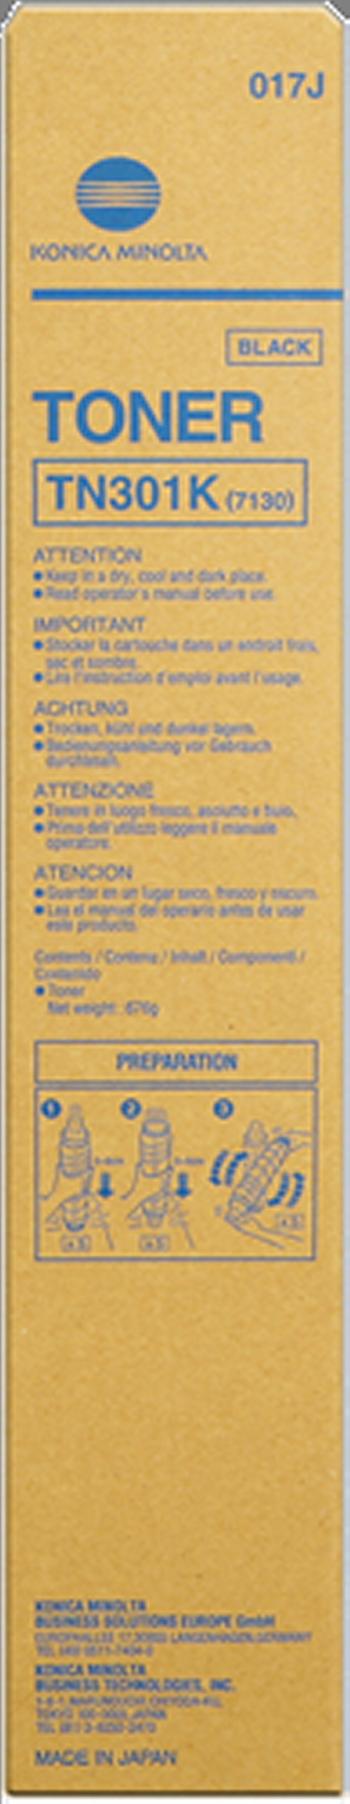 Comprar cartucho de toner TN301K de Konica-Minolta online.